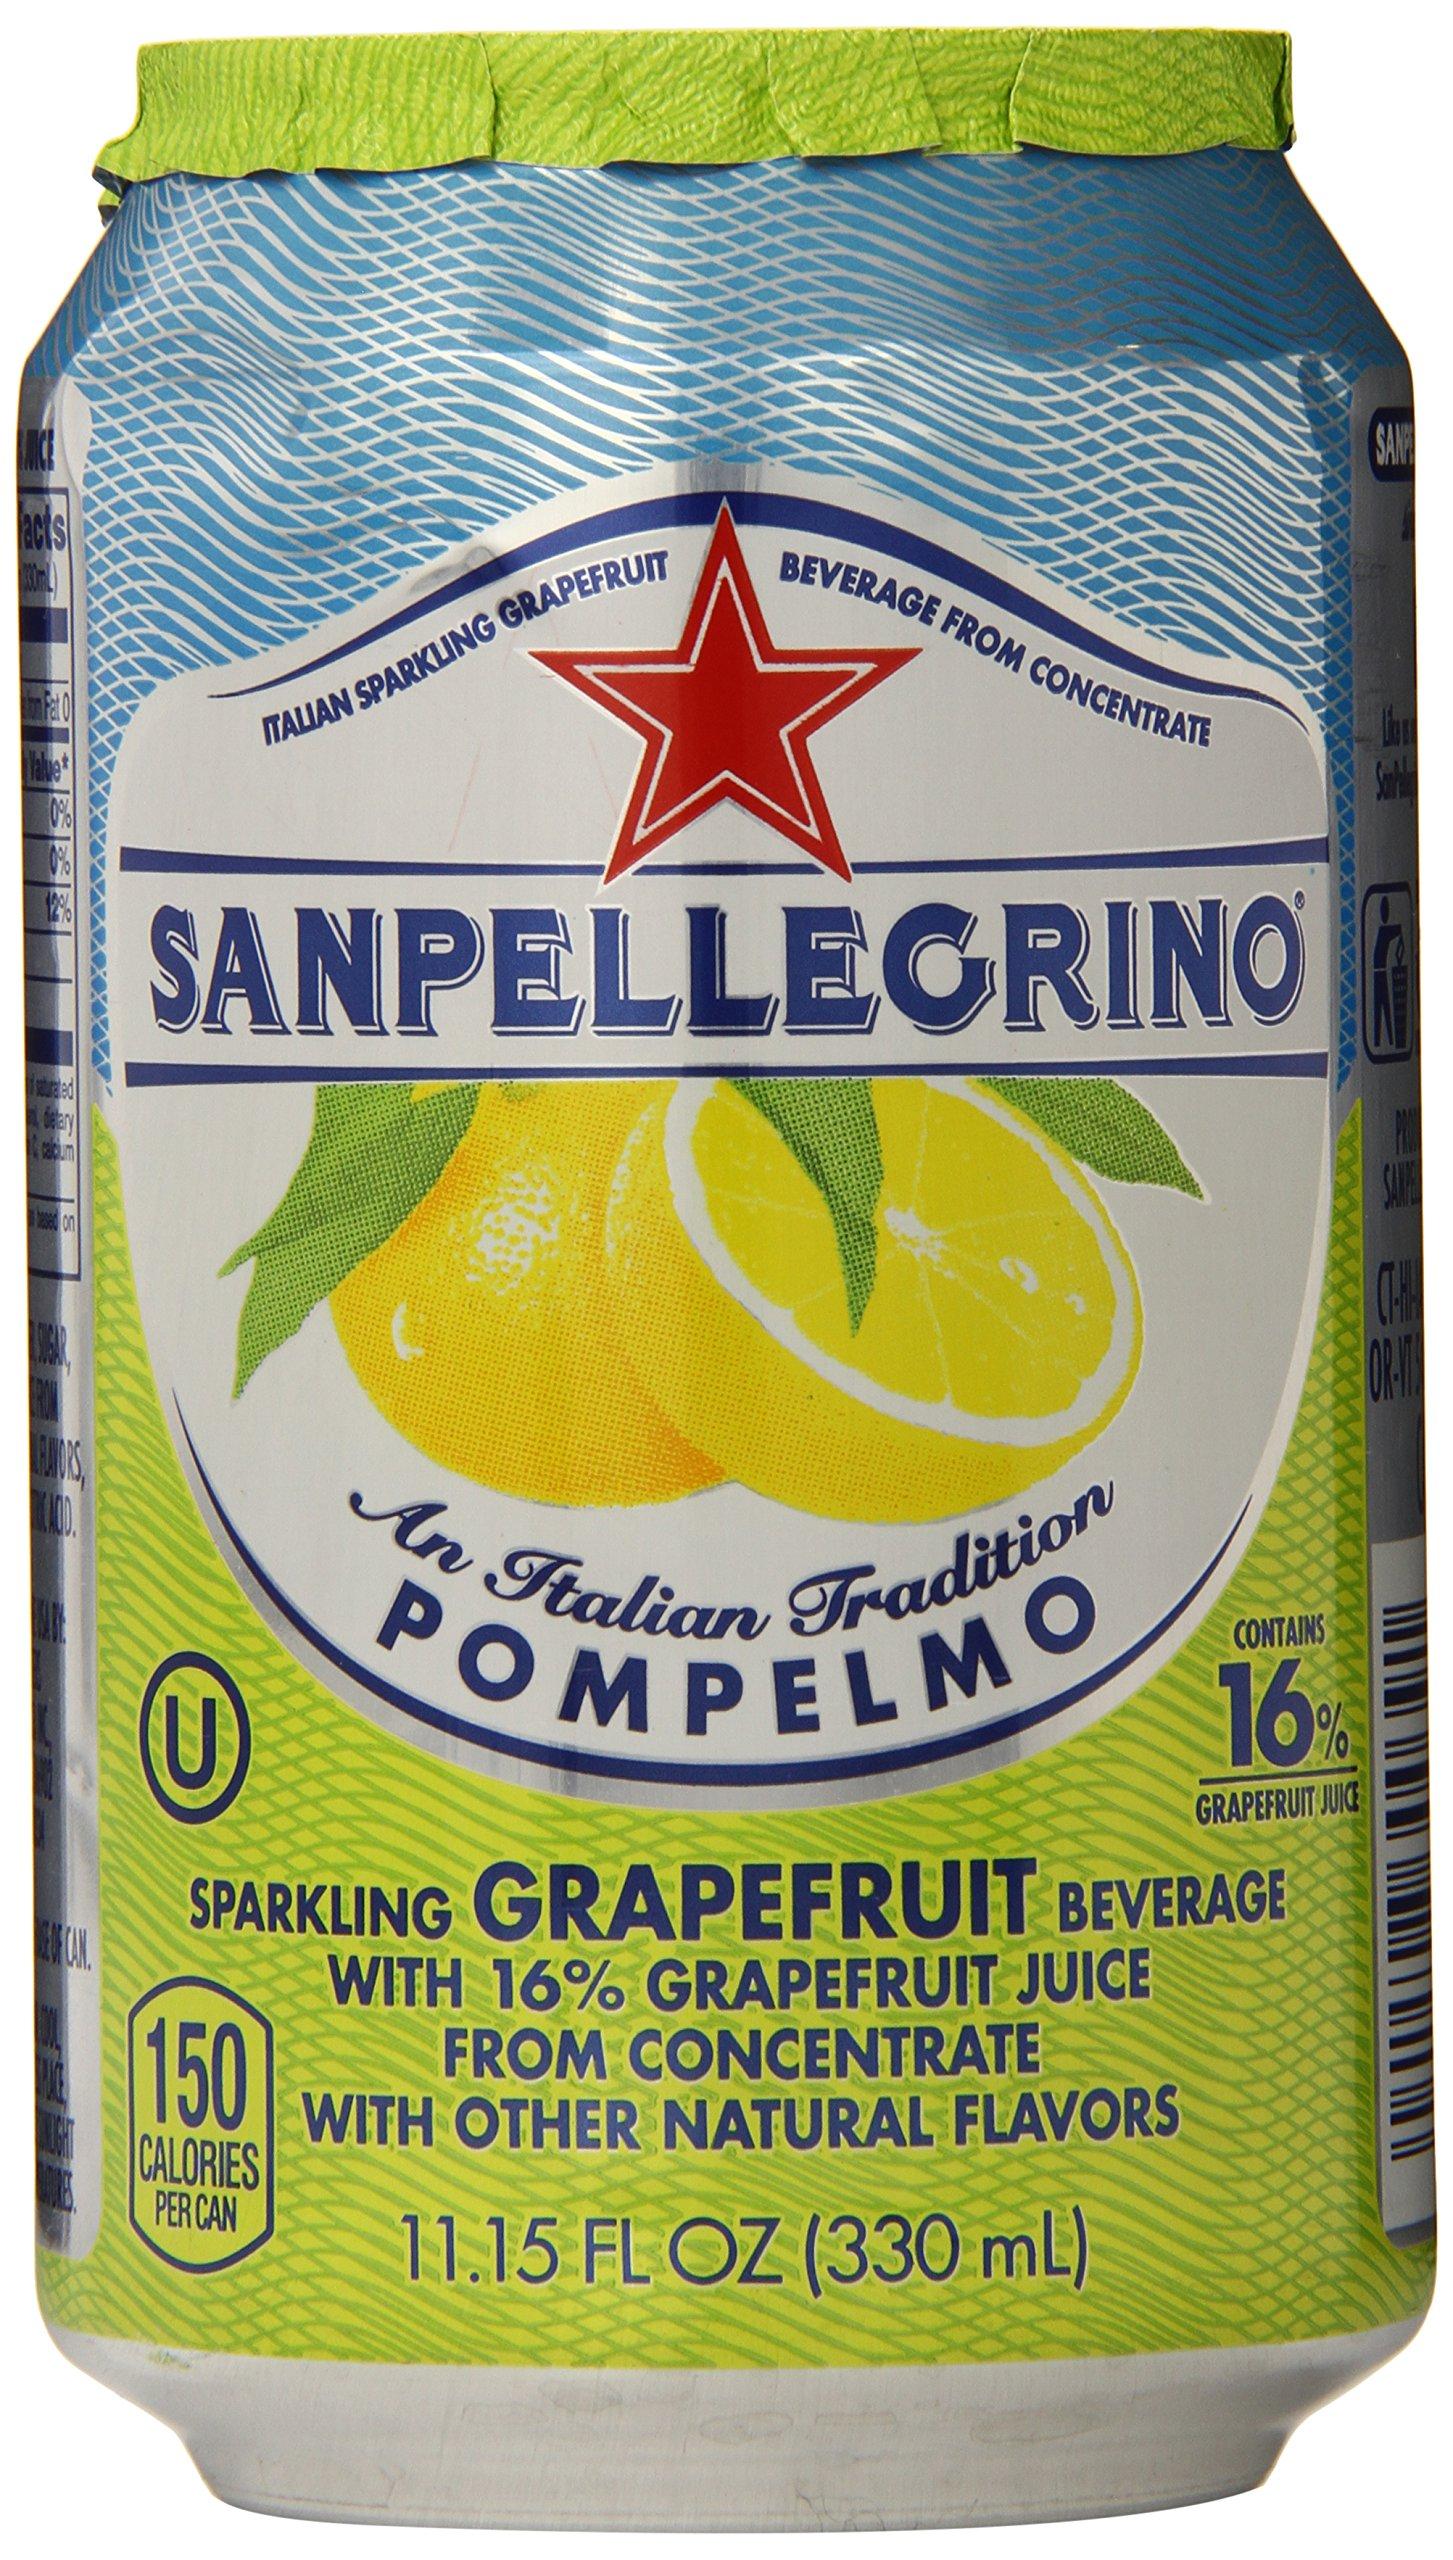 Sanpellegrino Grapefruit Sparkling Fruit Beverage, 11.15 fl oz. Cans (6 Count)